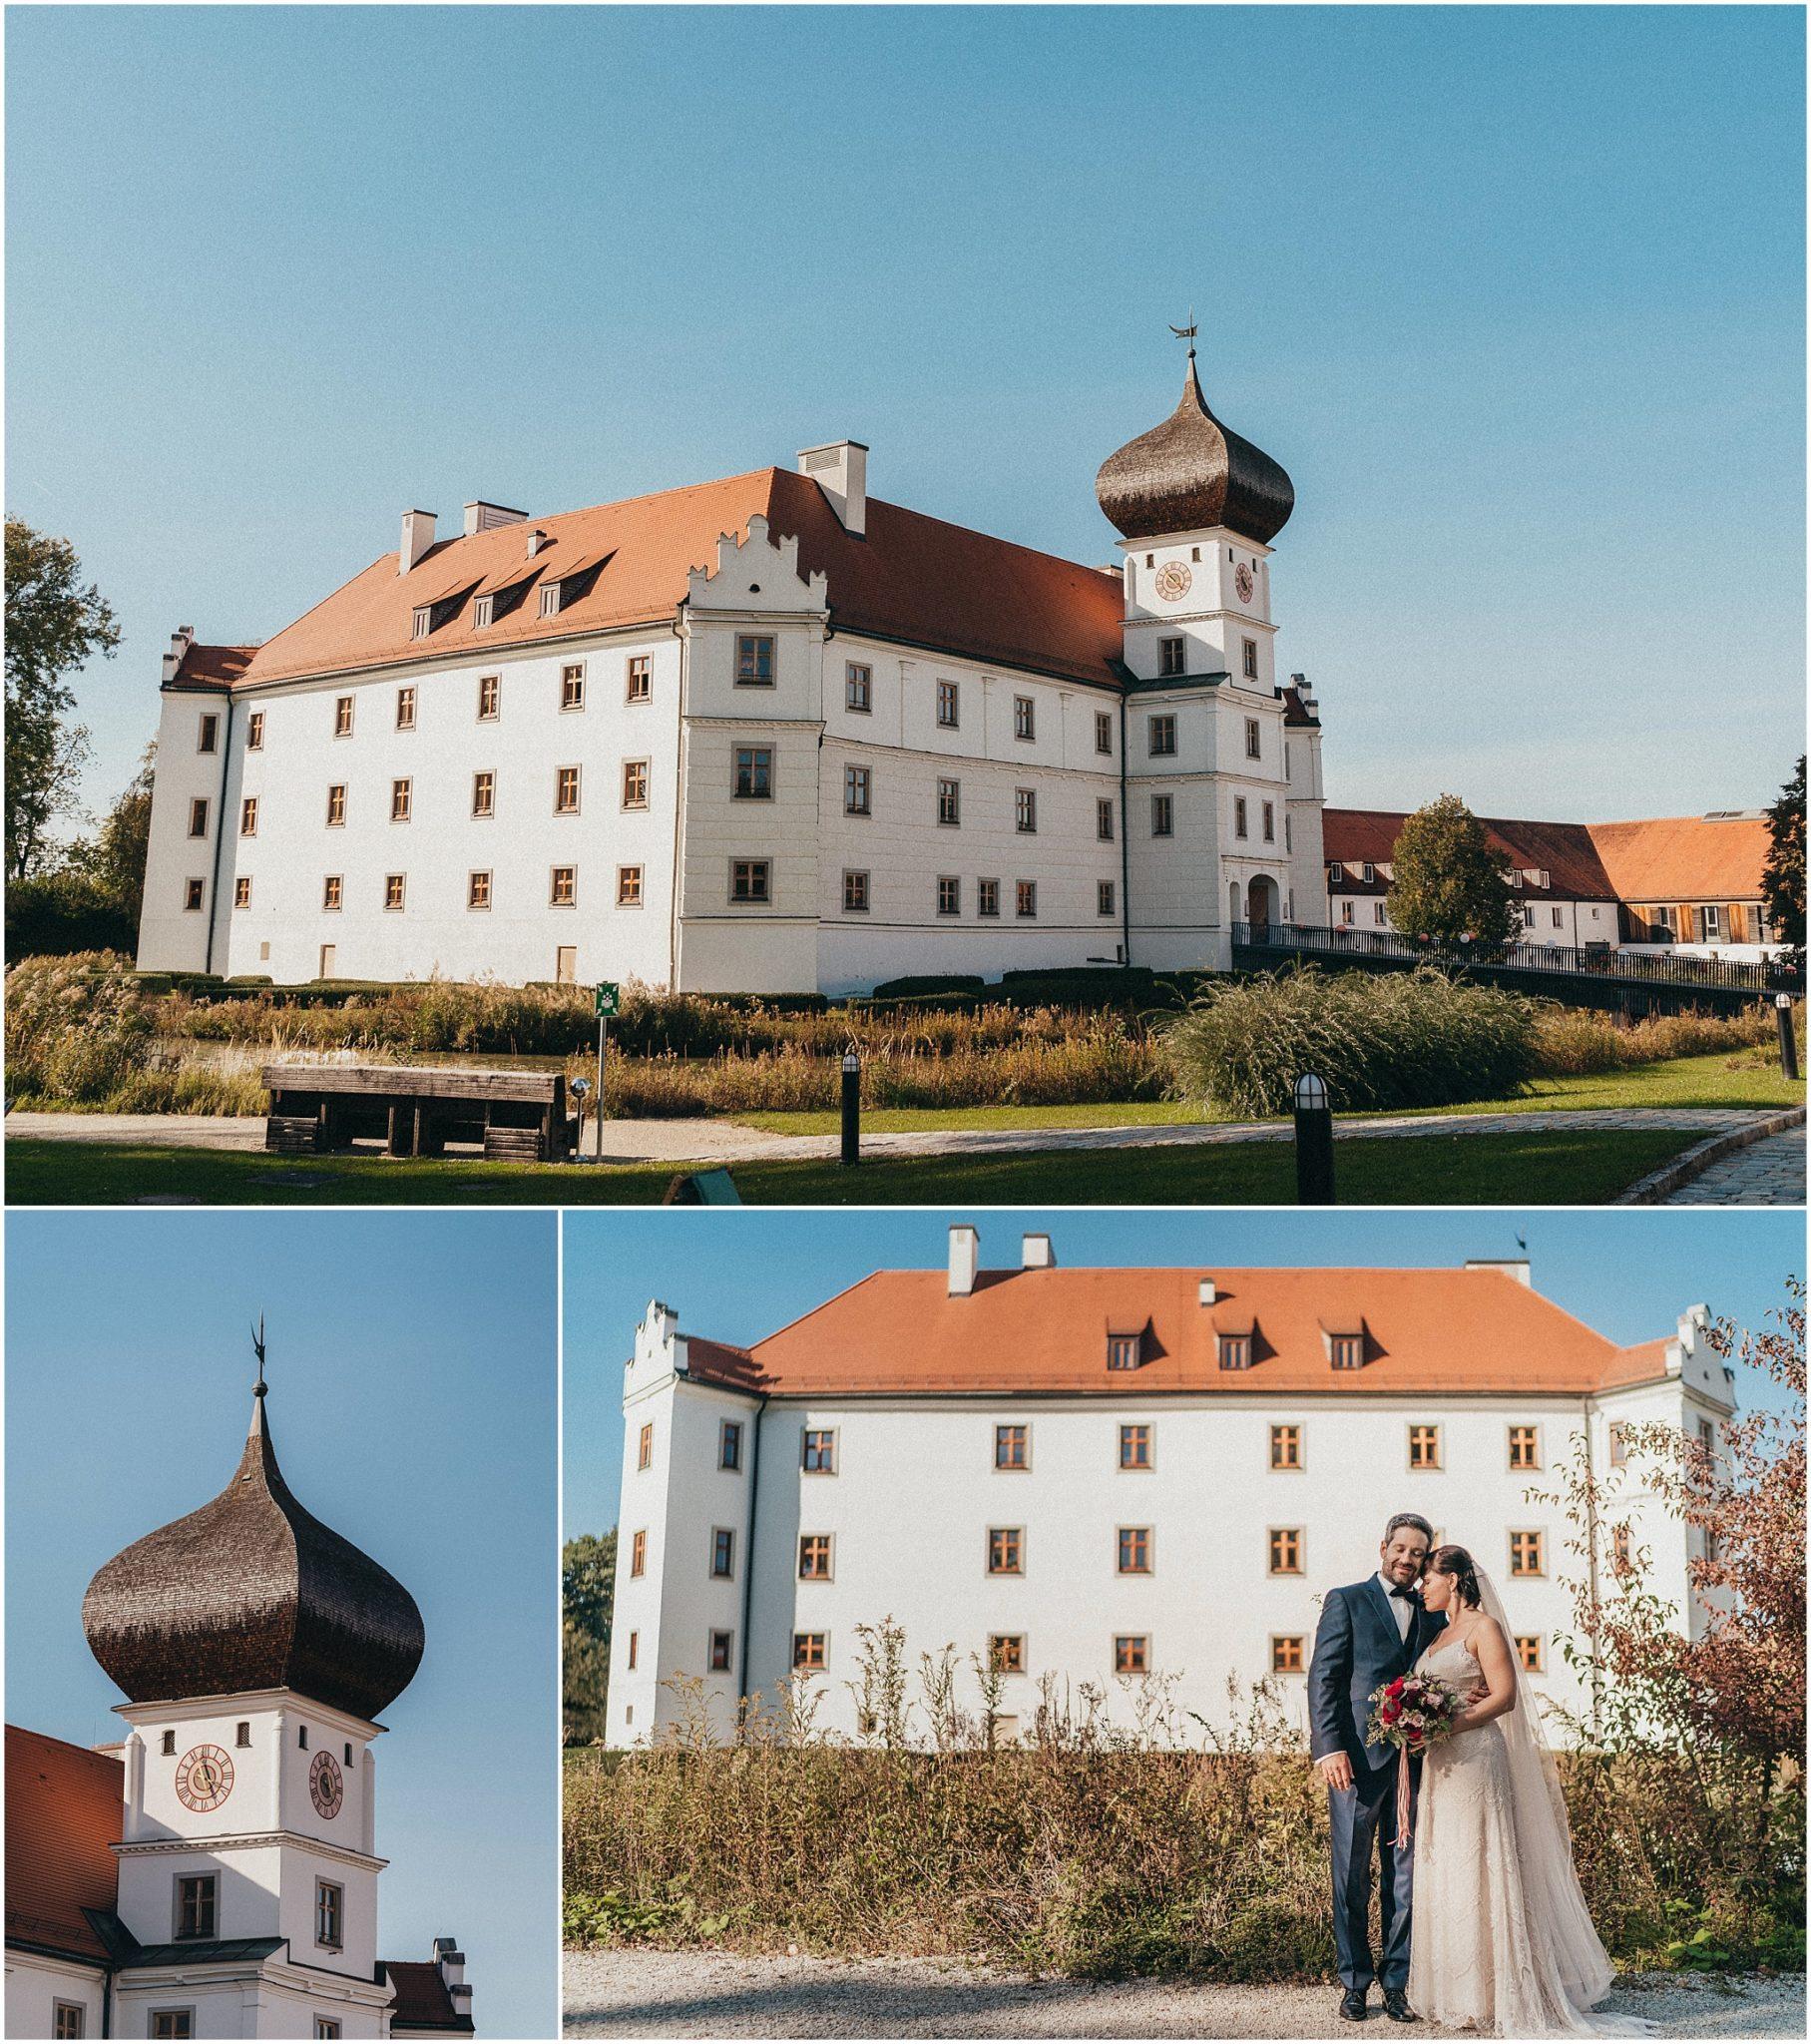 Hochzeit Schloss Hohenkammer, Hochzeit auf Schloss Hohenkammer